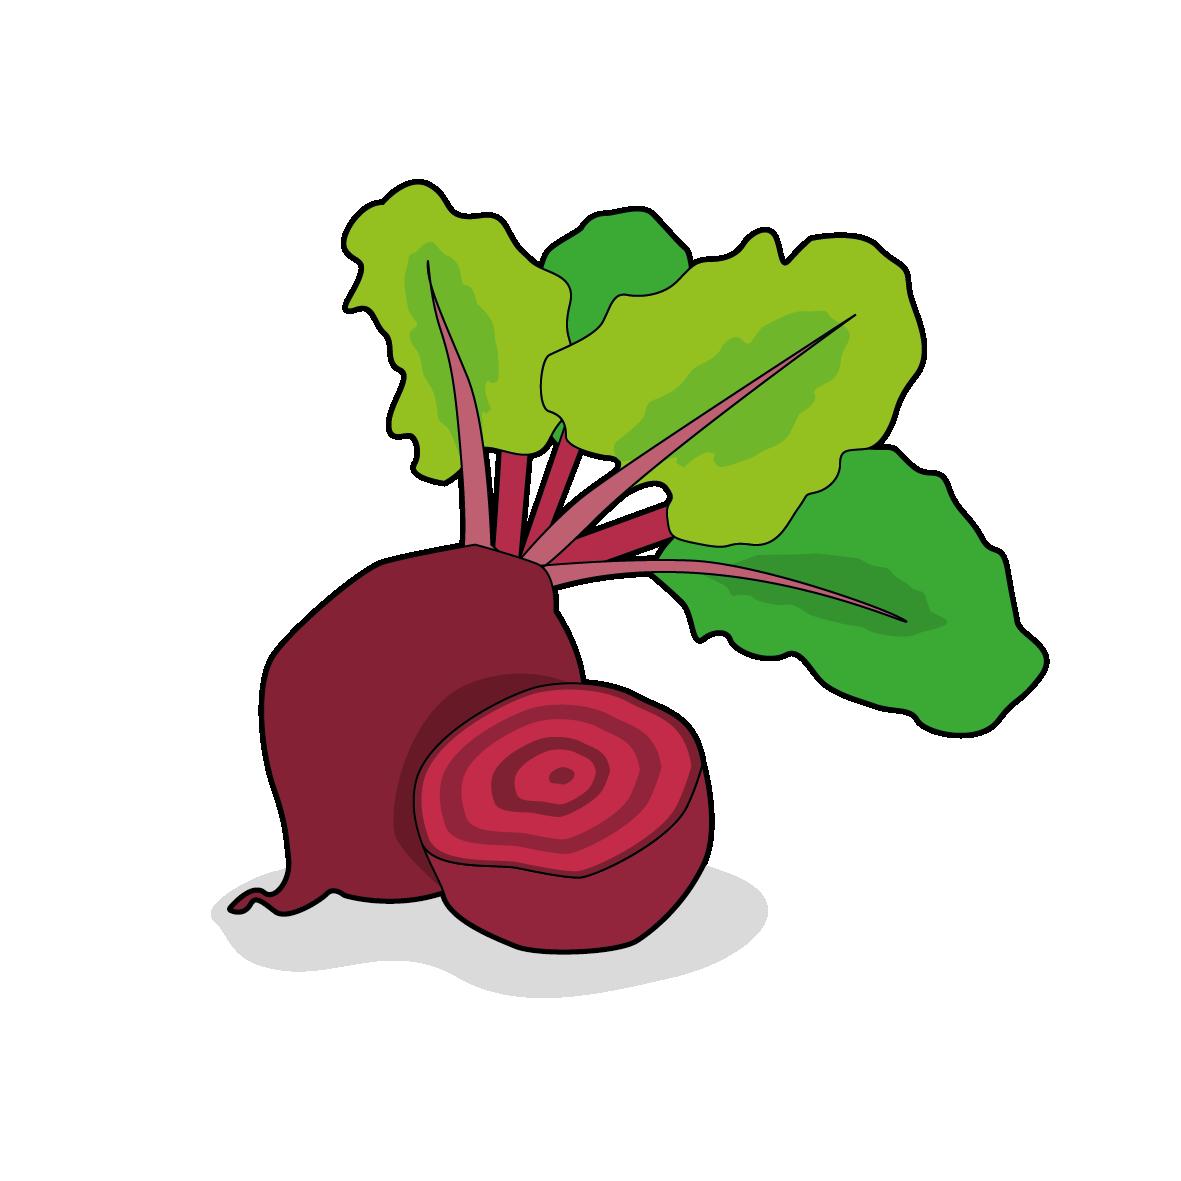 Icone d'une betterave, ailmacocotte.com